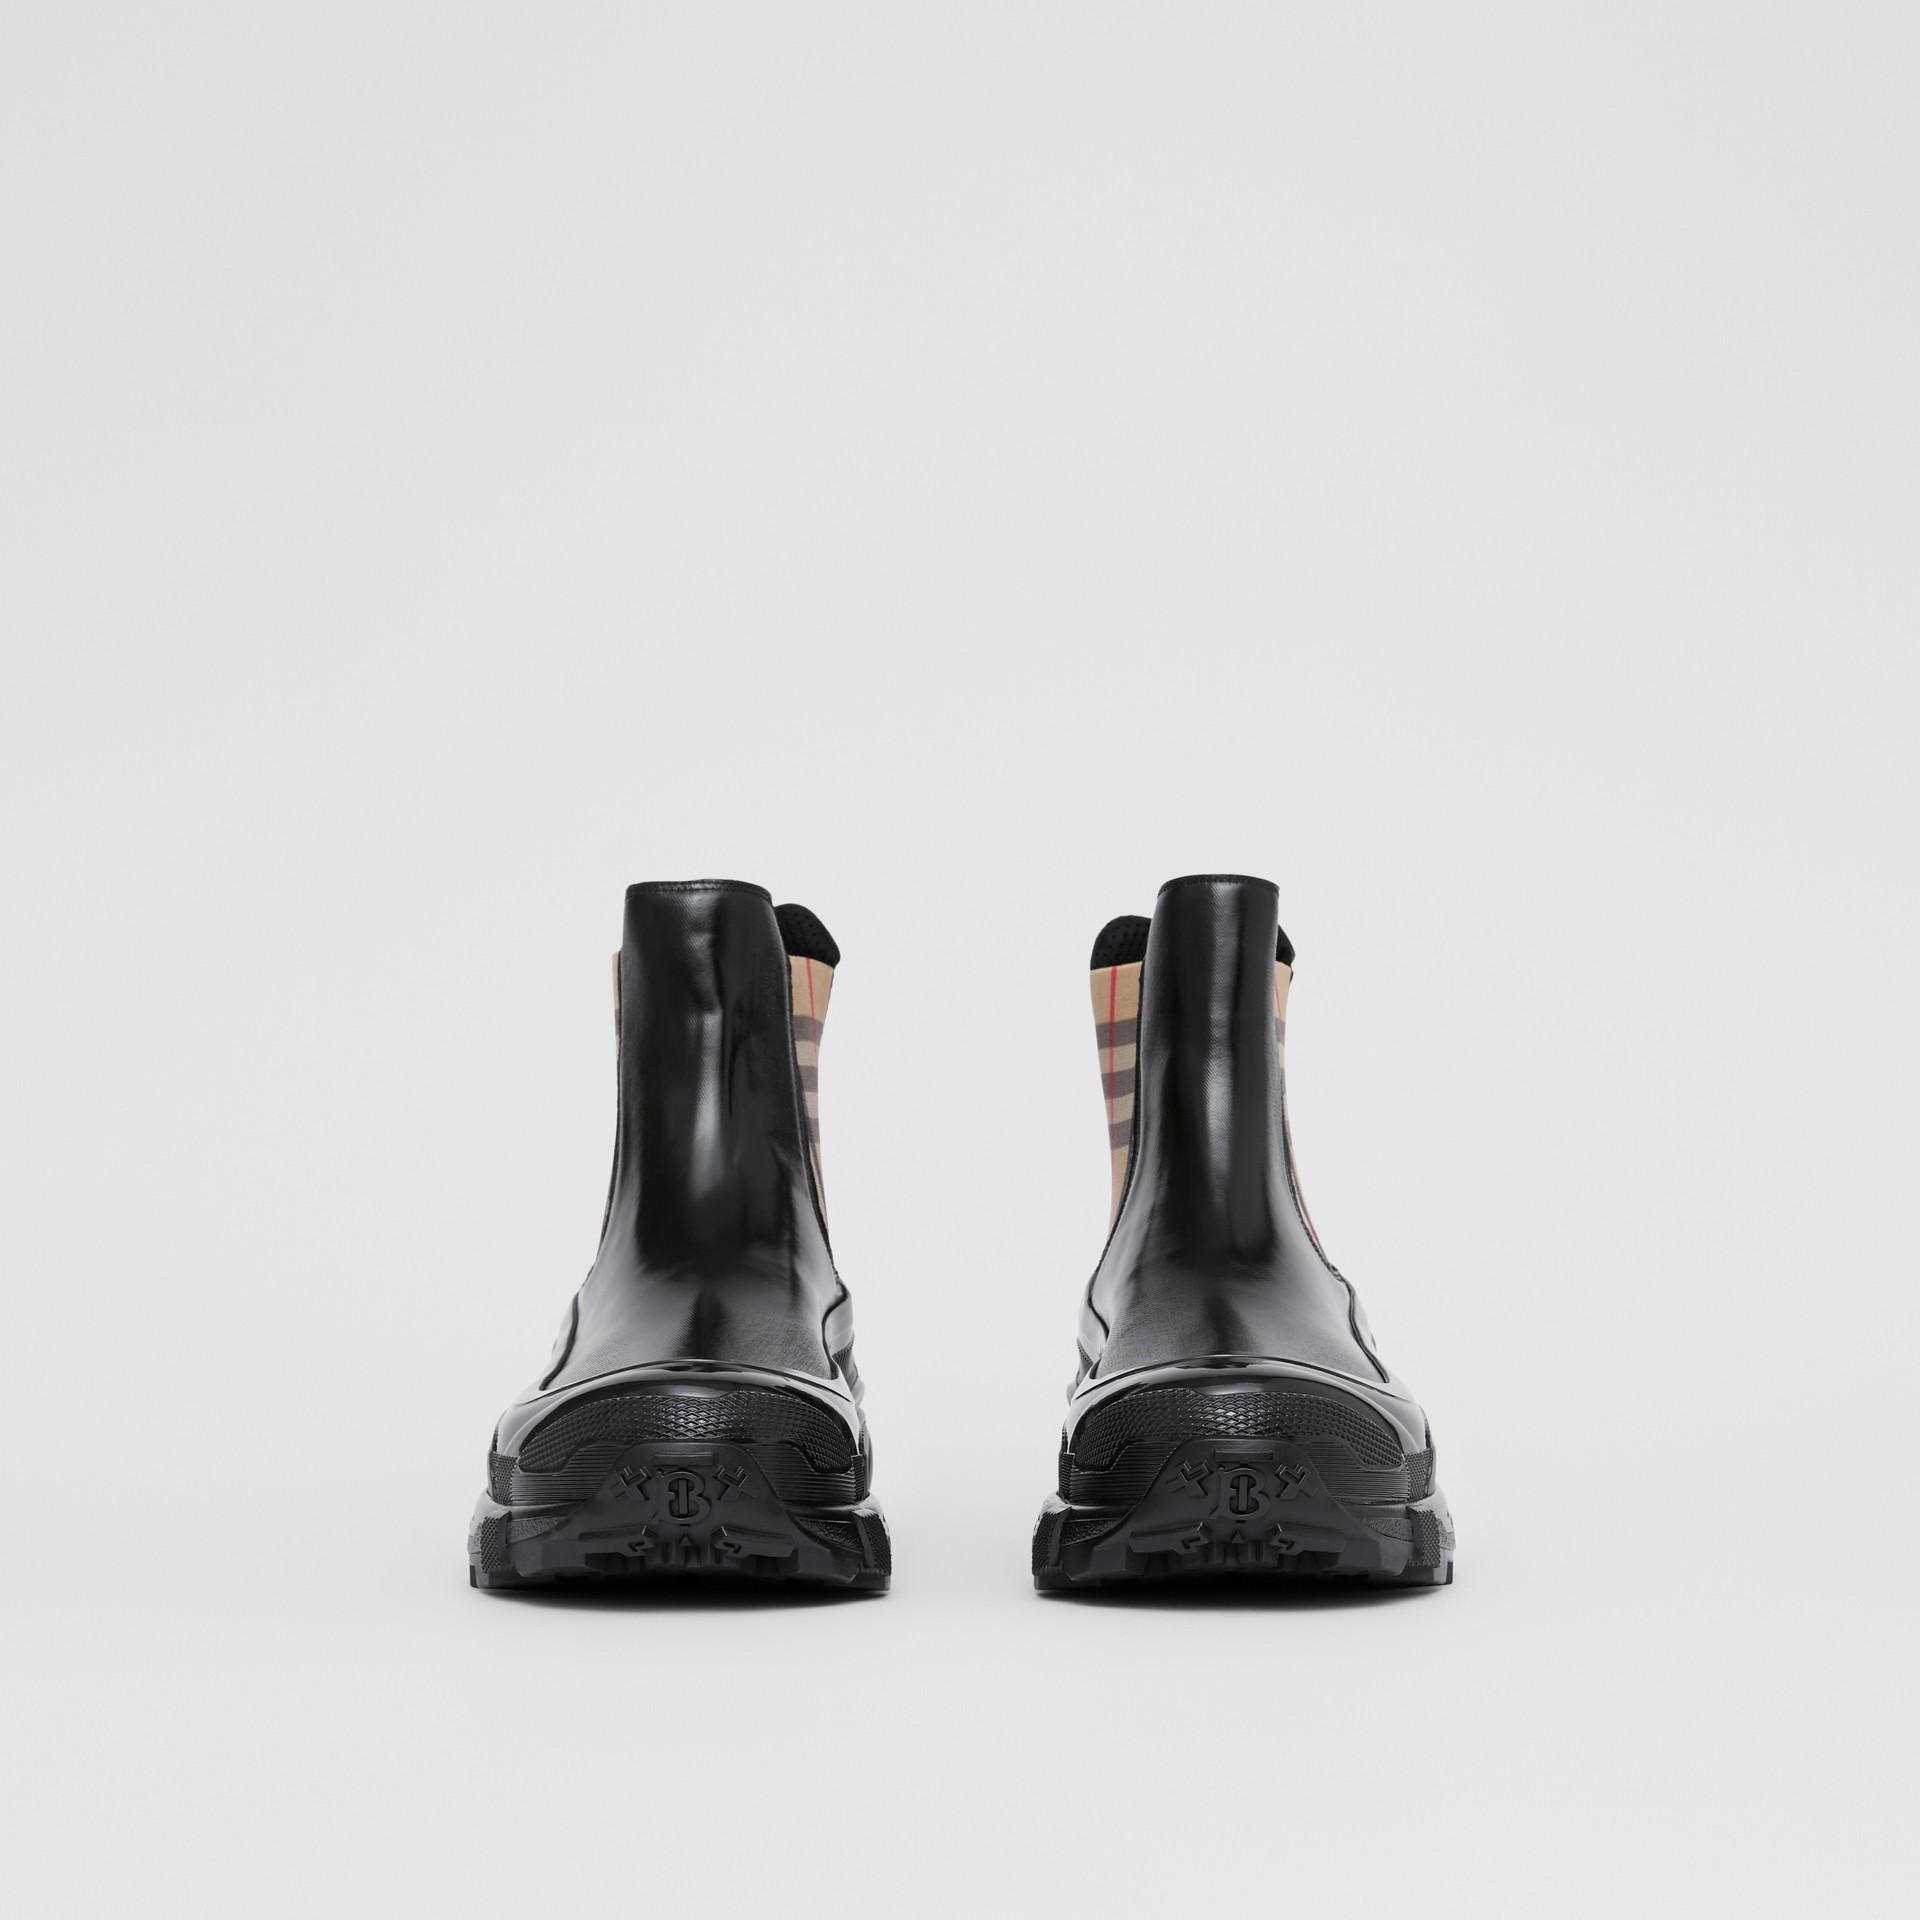 ヴィンテージチェックディテール コーティングキャンバス チェルシーブーツ (ブラック) - メンズ | バーバリー - ギャラリーイメージ 3